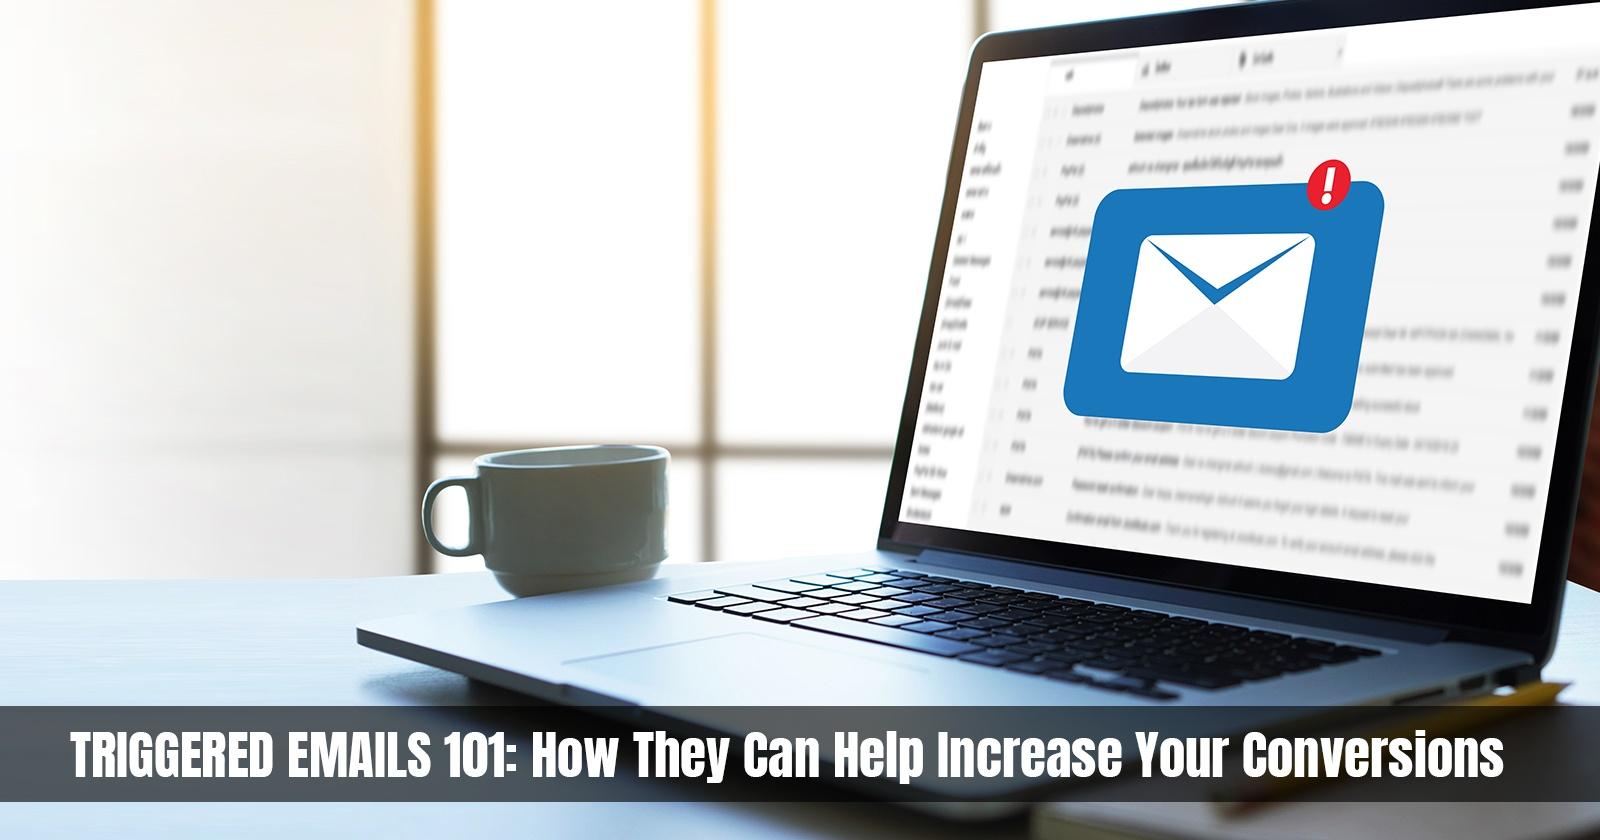 Comment les e-mails déclenchés peuvent-ils augmenter vos conversions?